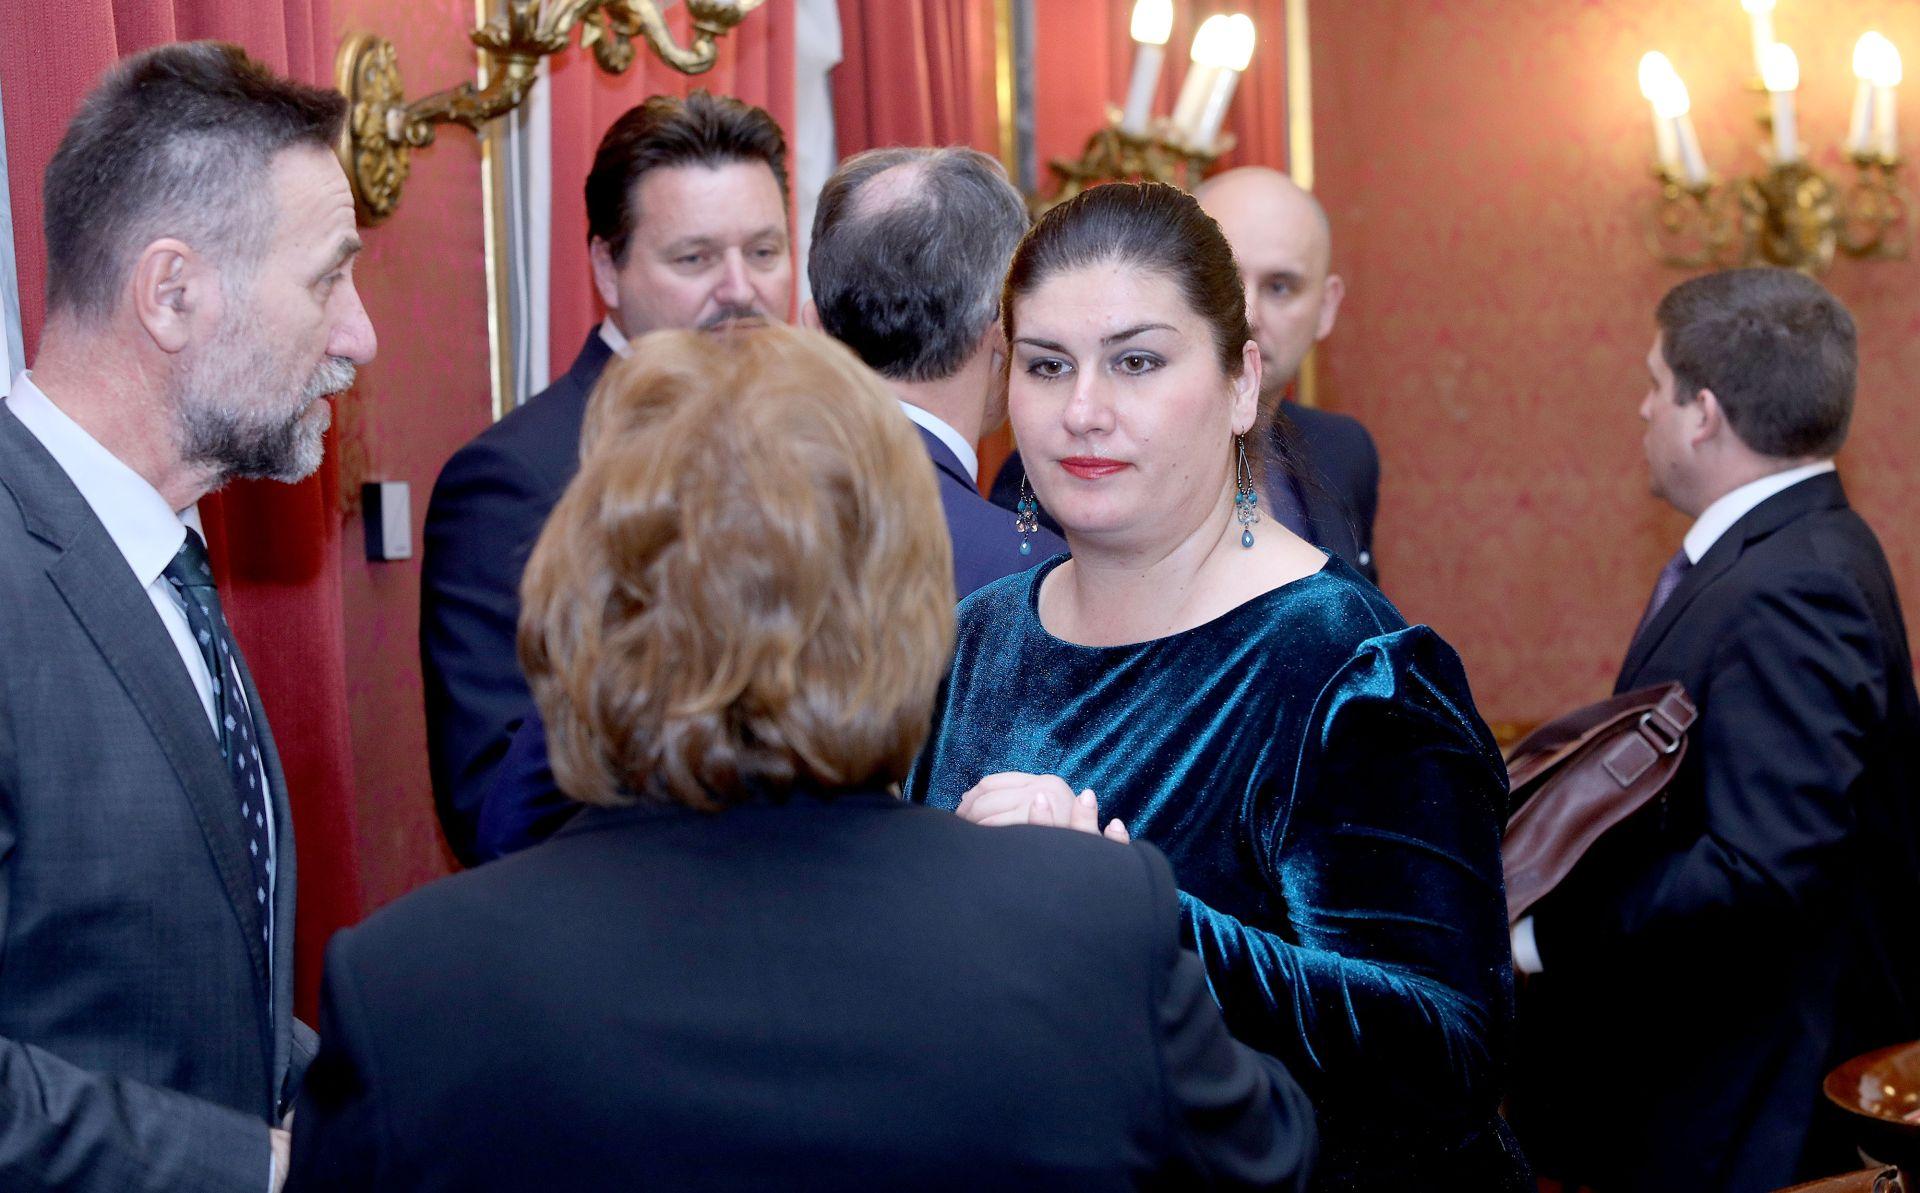 ZATVORENI DIO SJEDNICE: Vlada usvojila stajališta za sastanak Europskog vijeća